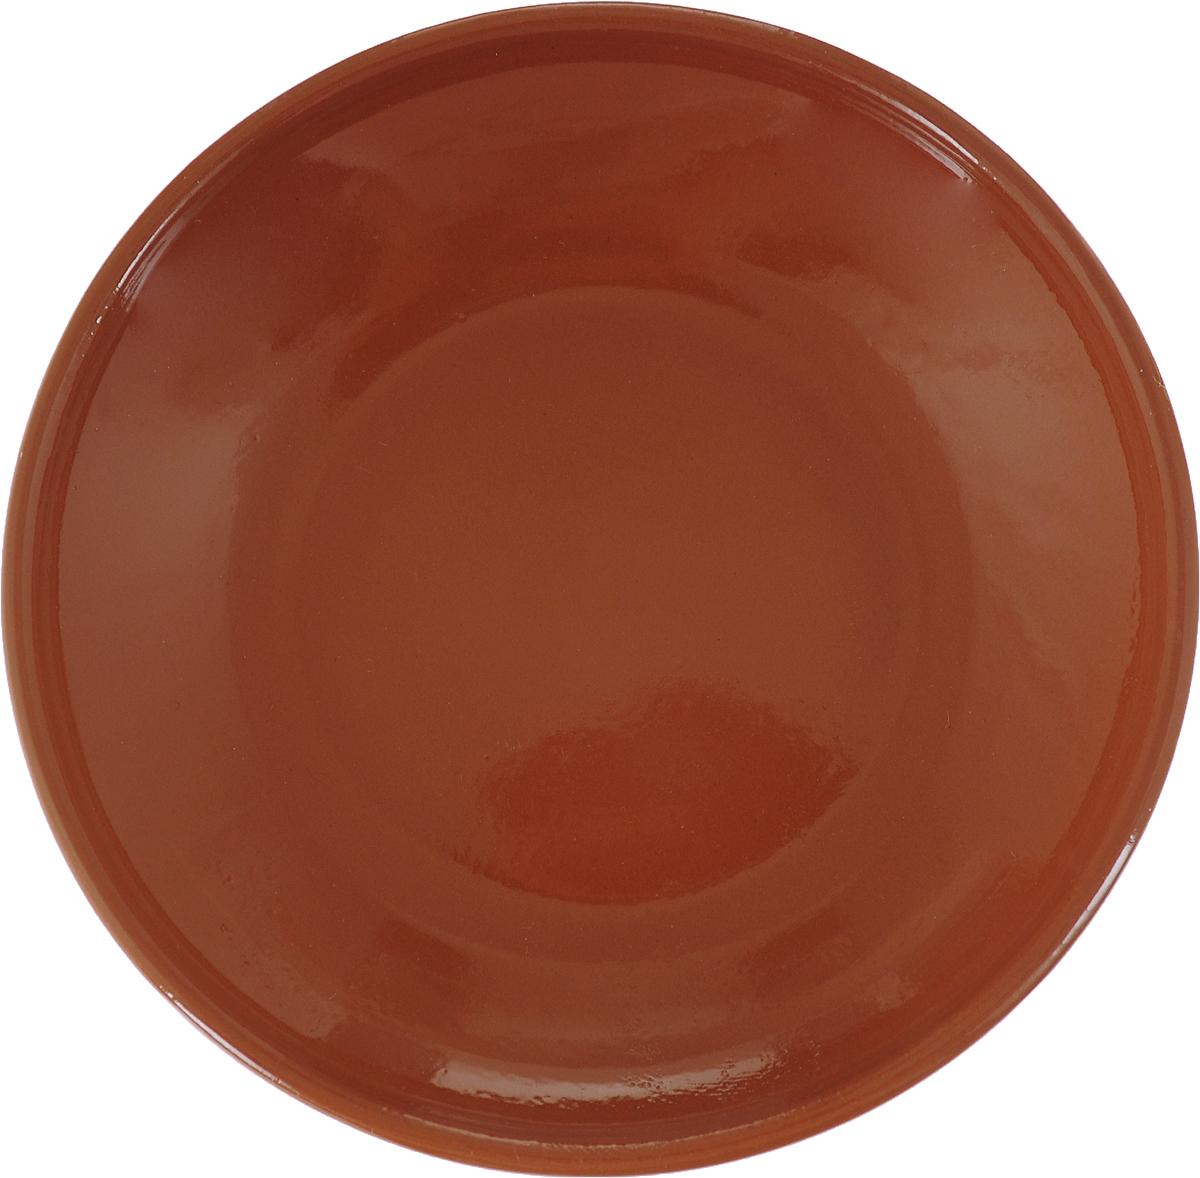 Фото - Блюдце Борисовская керамика Радуга, цвет: терракотовый, диаметр 10 см блюдце борисовская керамика радуга цвет темно серый диаметр 10 см